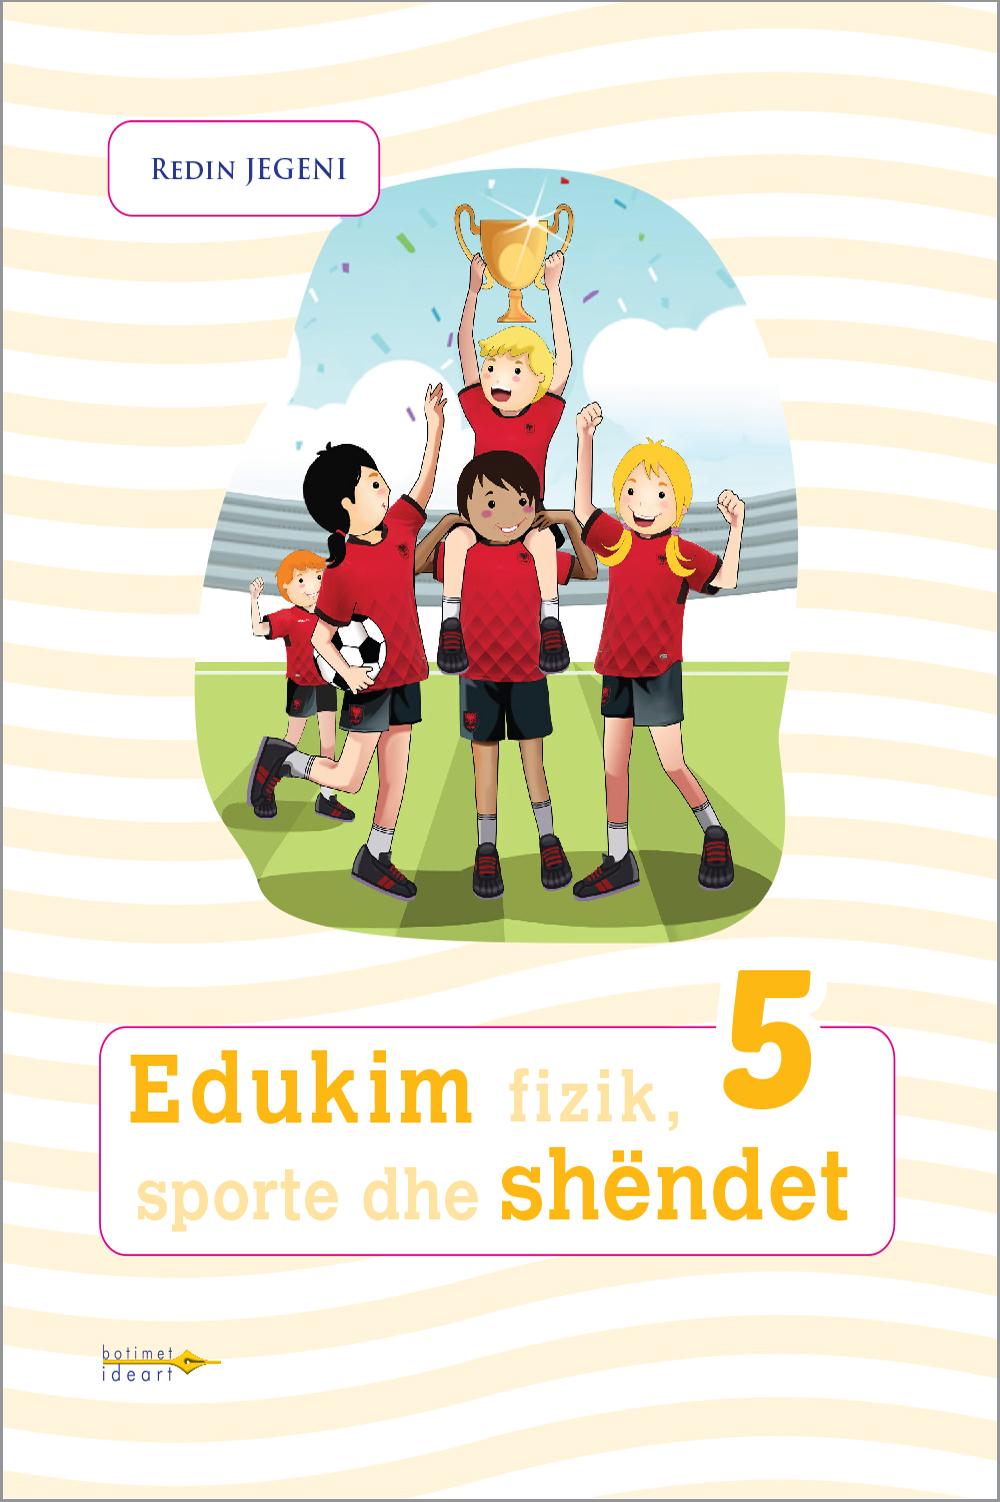 Edukim fizik, sporte dhe shëndet 5